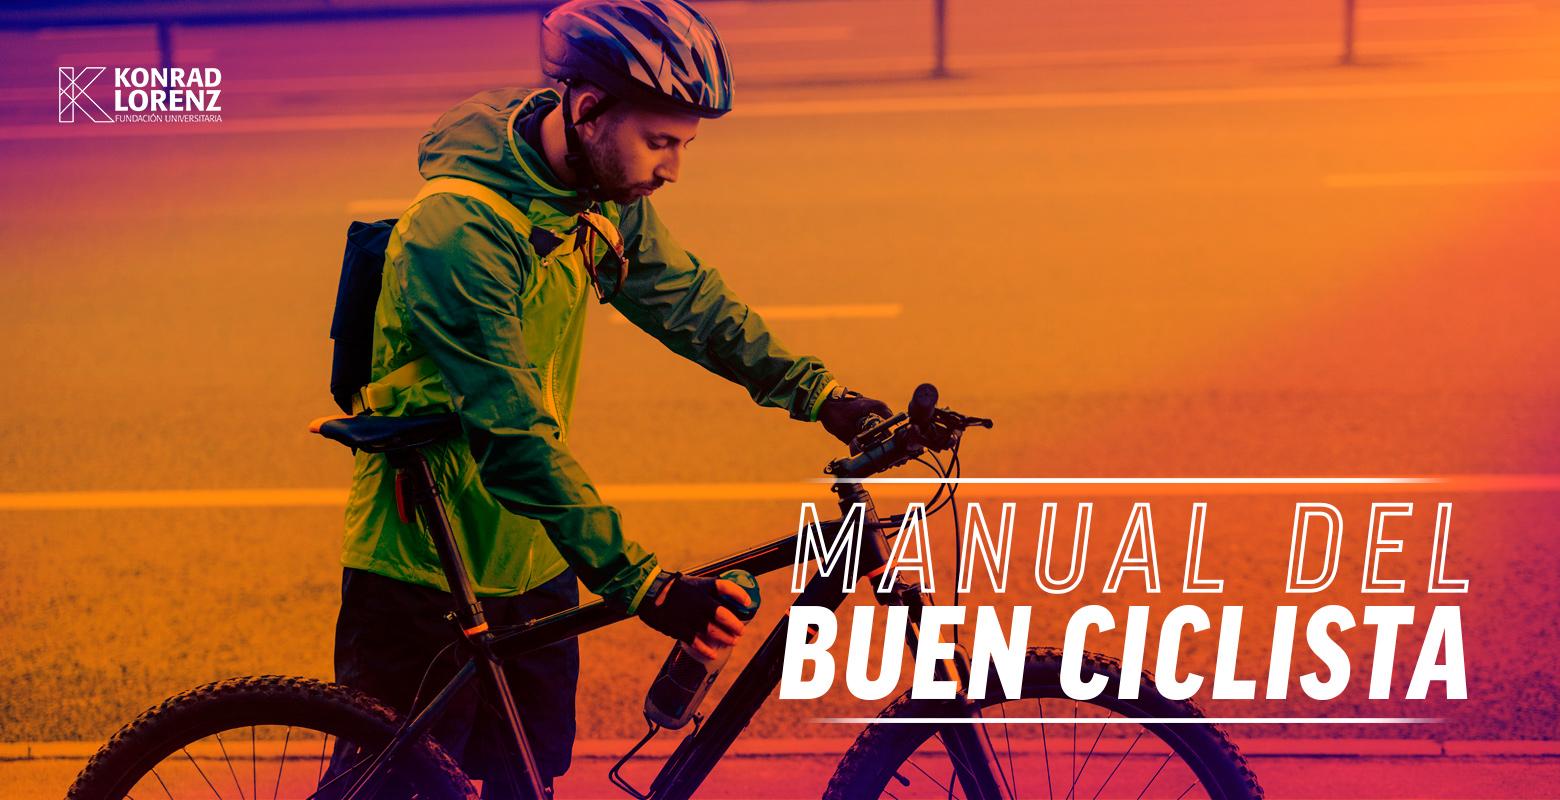 Manual del Buen Ciclista